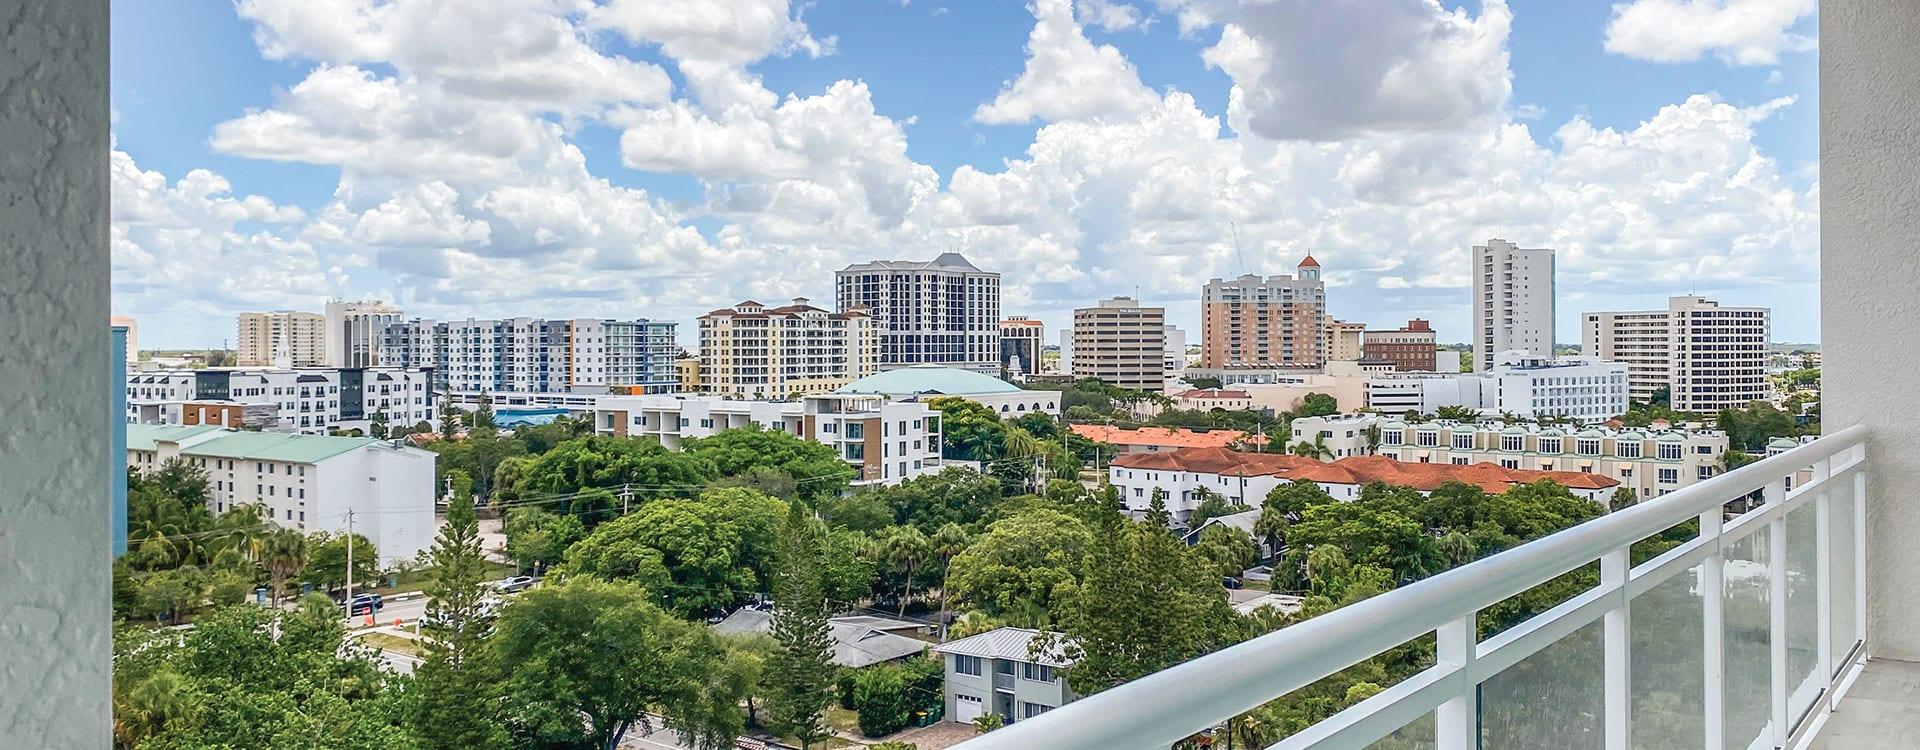 BLVD Sarasota Residence 901 Terrace with a view of downtown sarasota